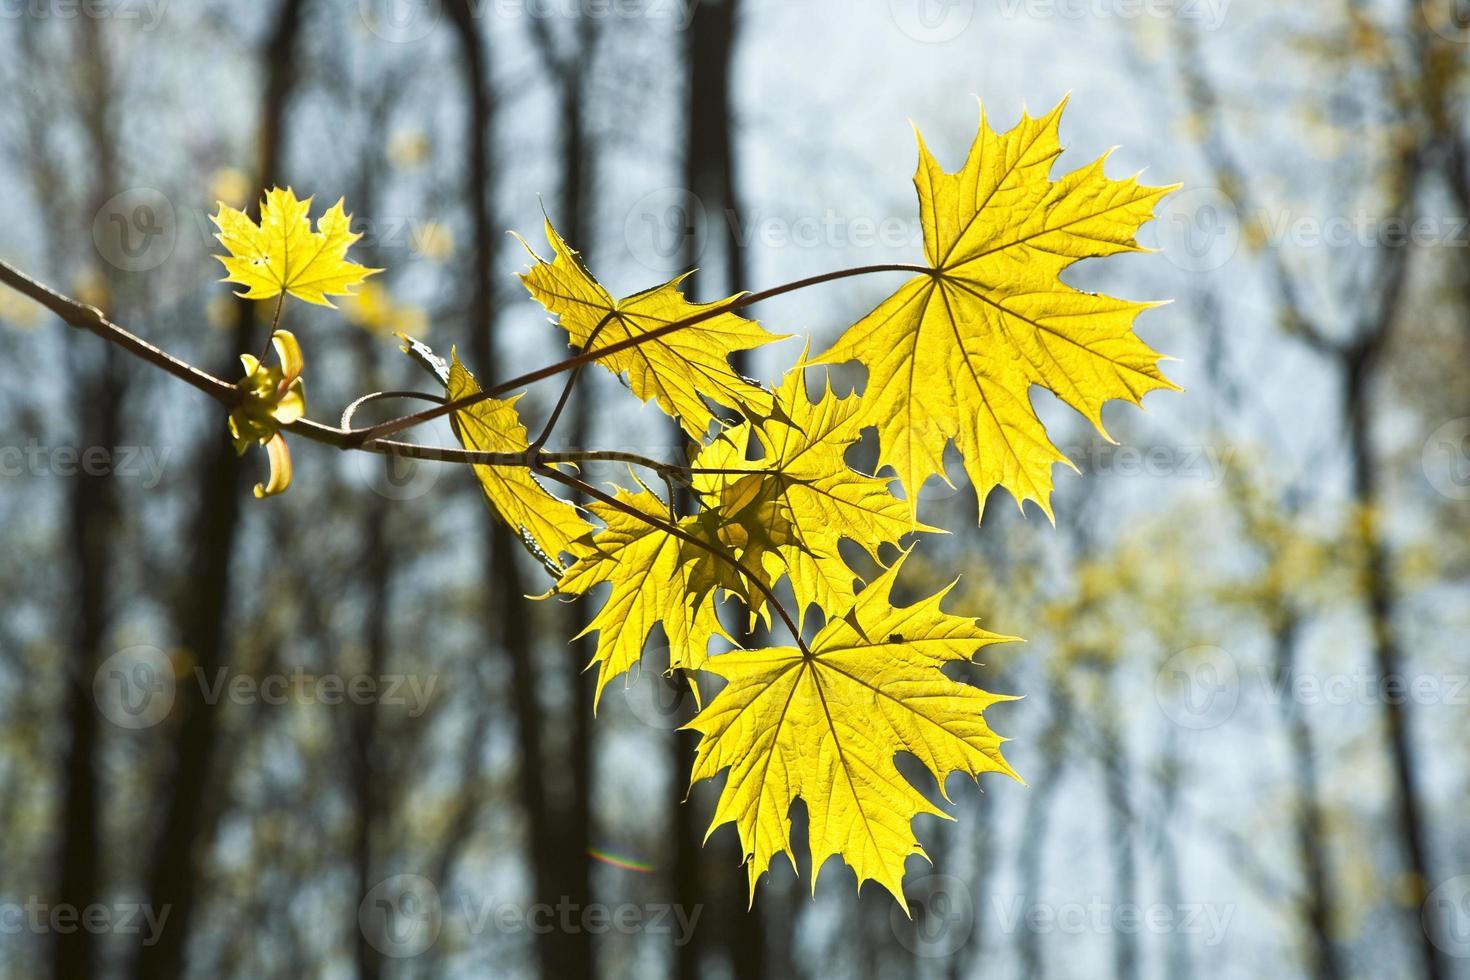 löv vid en gren av trädet foto